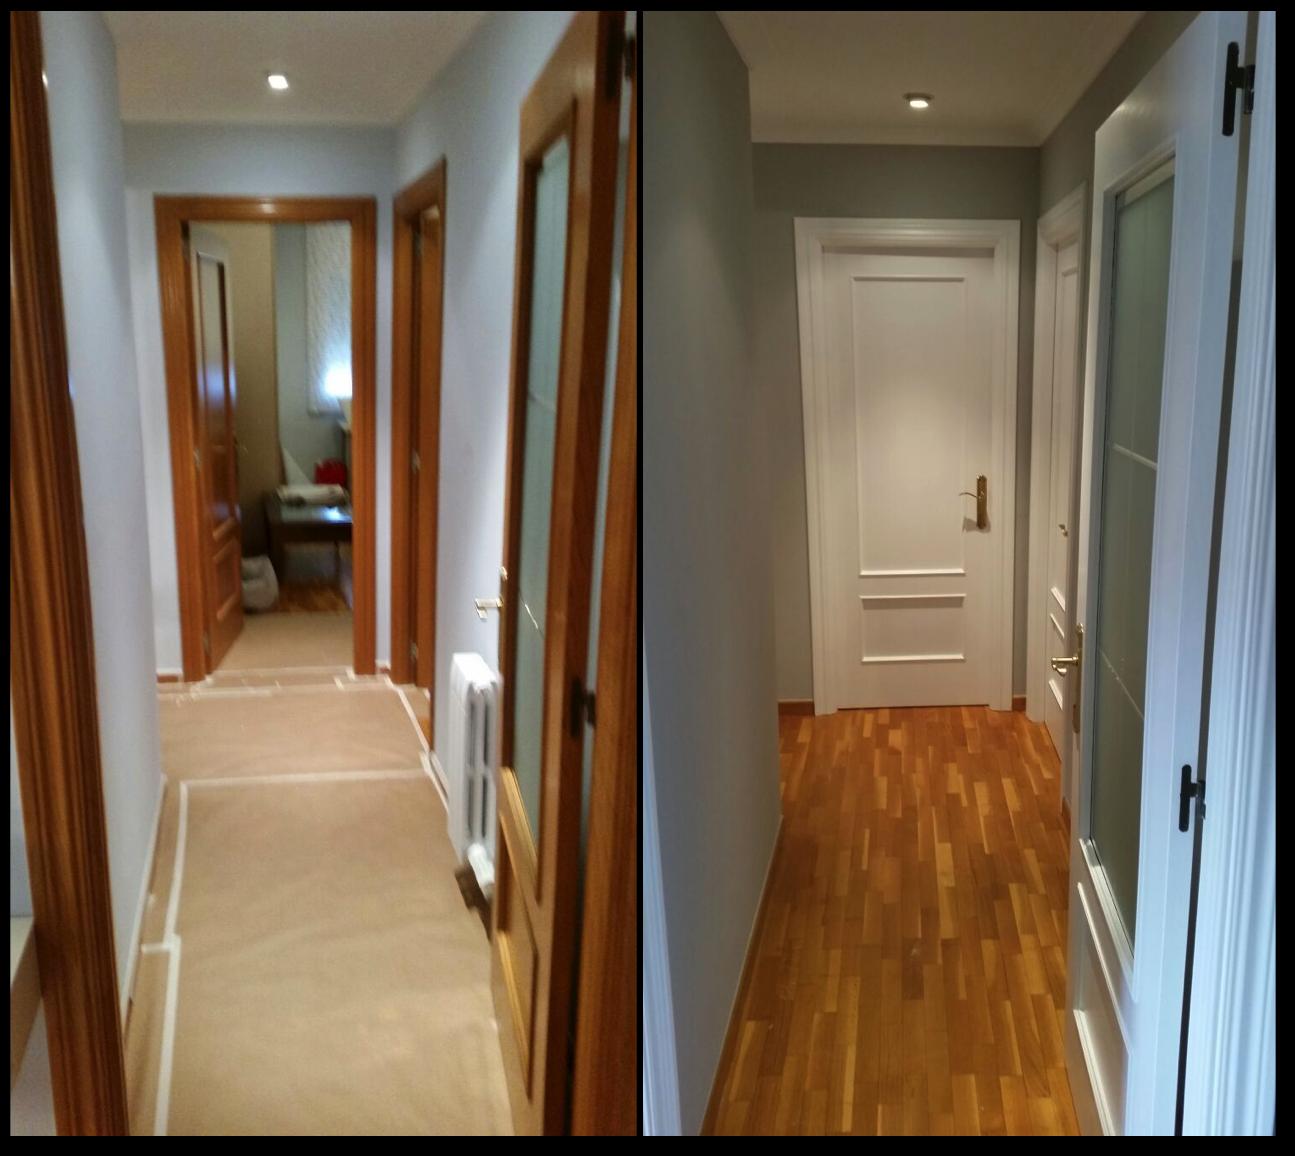 Pintar puertas de madera for Pintar puertas